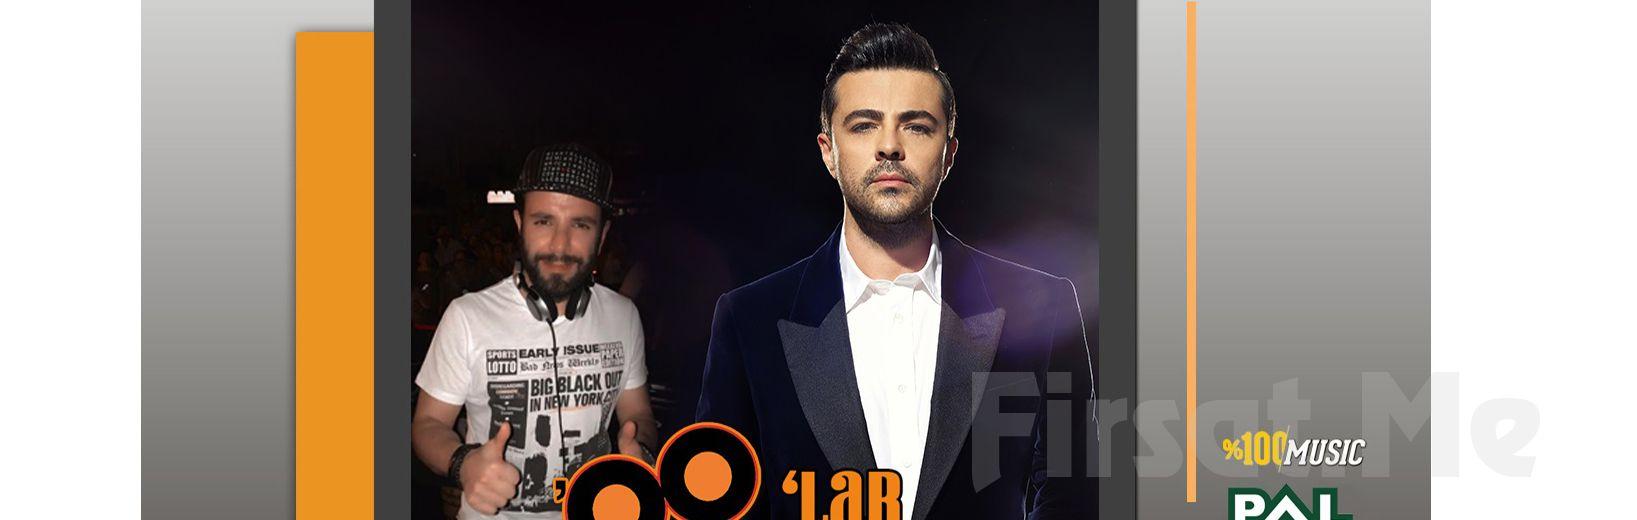 Mori Performance'da 30 Kasım'da Burak Kut ve DJ Hakan Küfündür 90'lar Türkçe Pop Parti Bileti